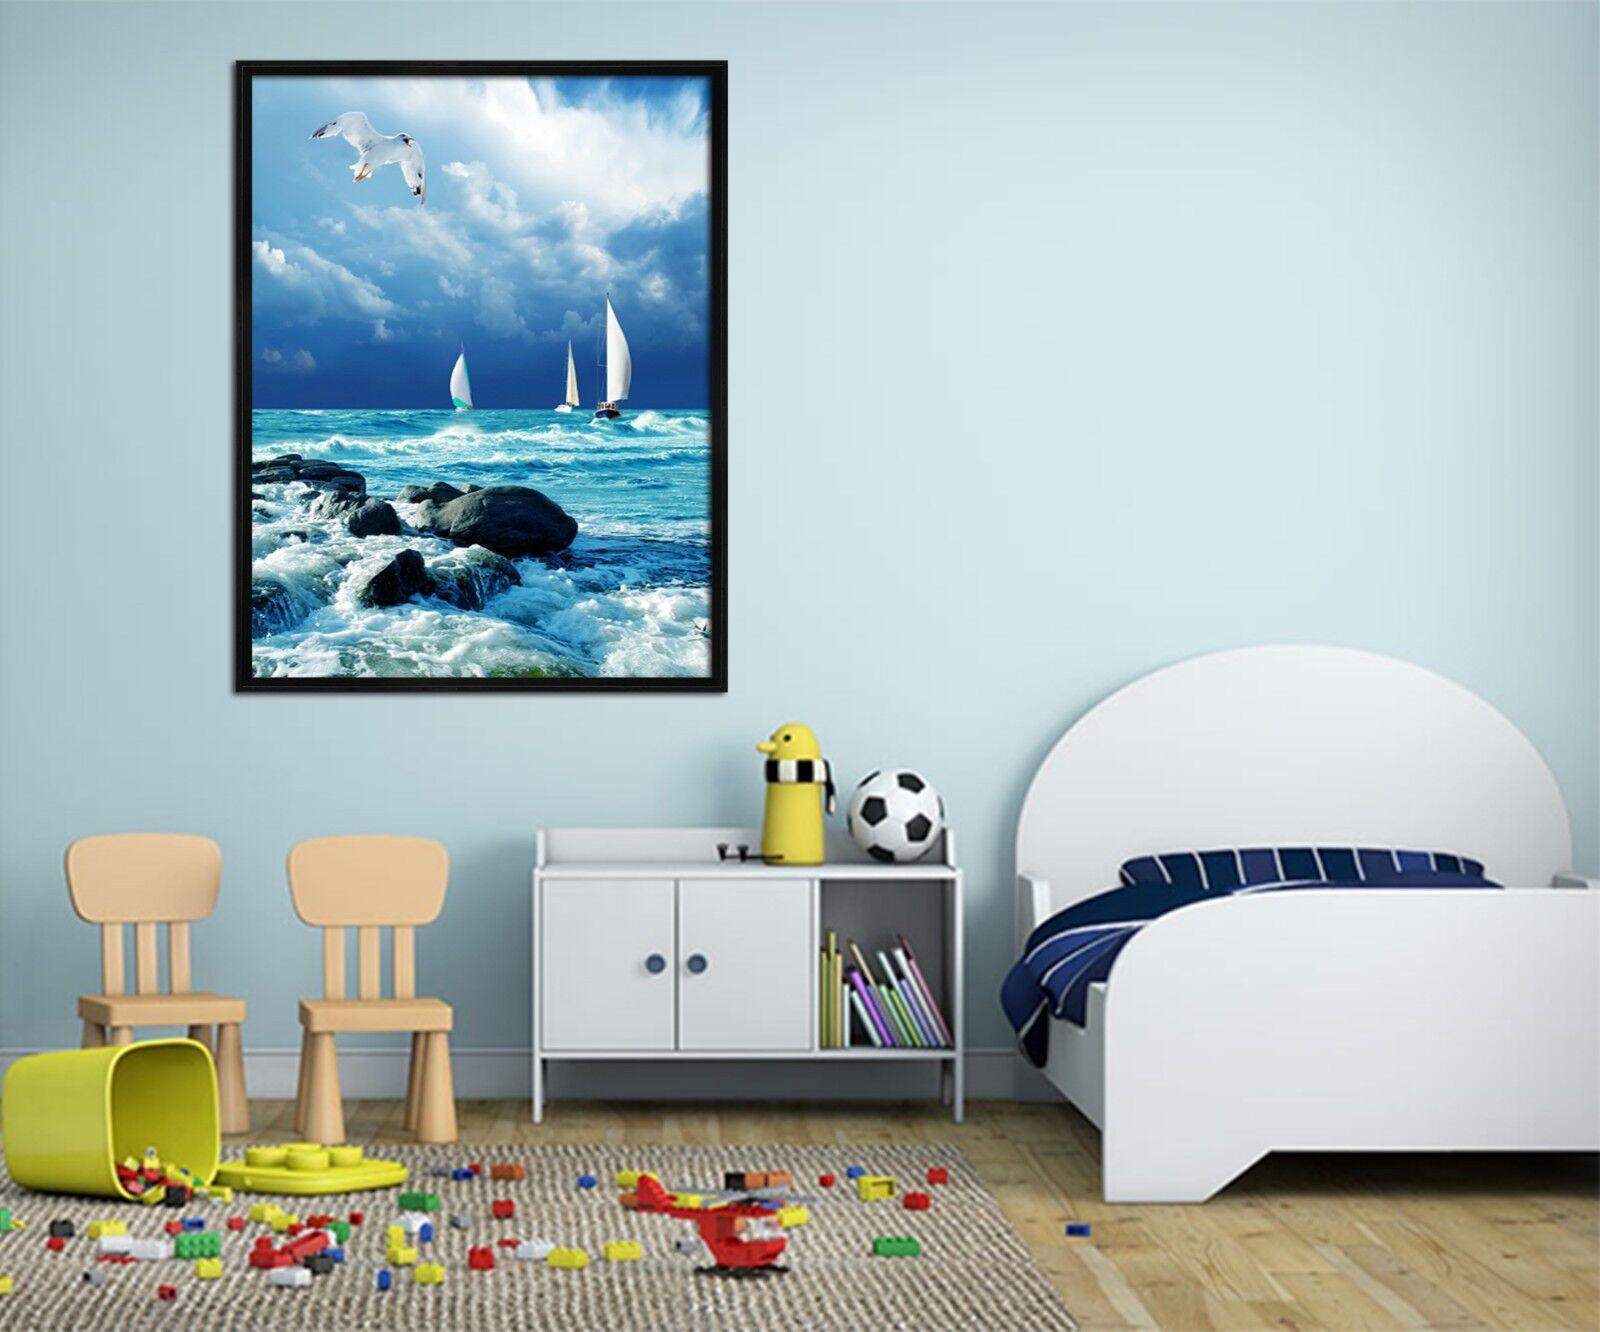 3D barco de vela del mar 3 Póster Enmarcado De Surf Decoración del Hogar Pintura de Impresión Arte Wallpaper